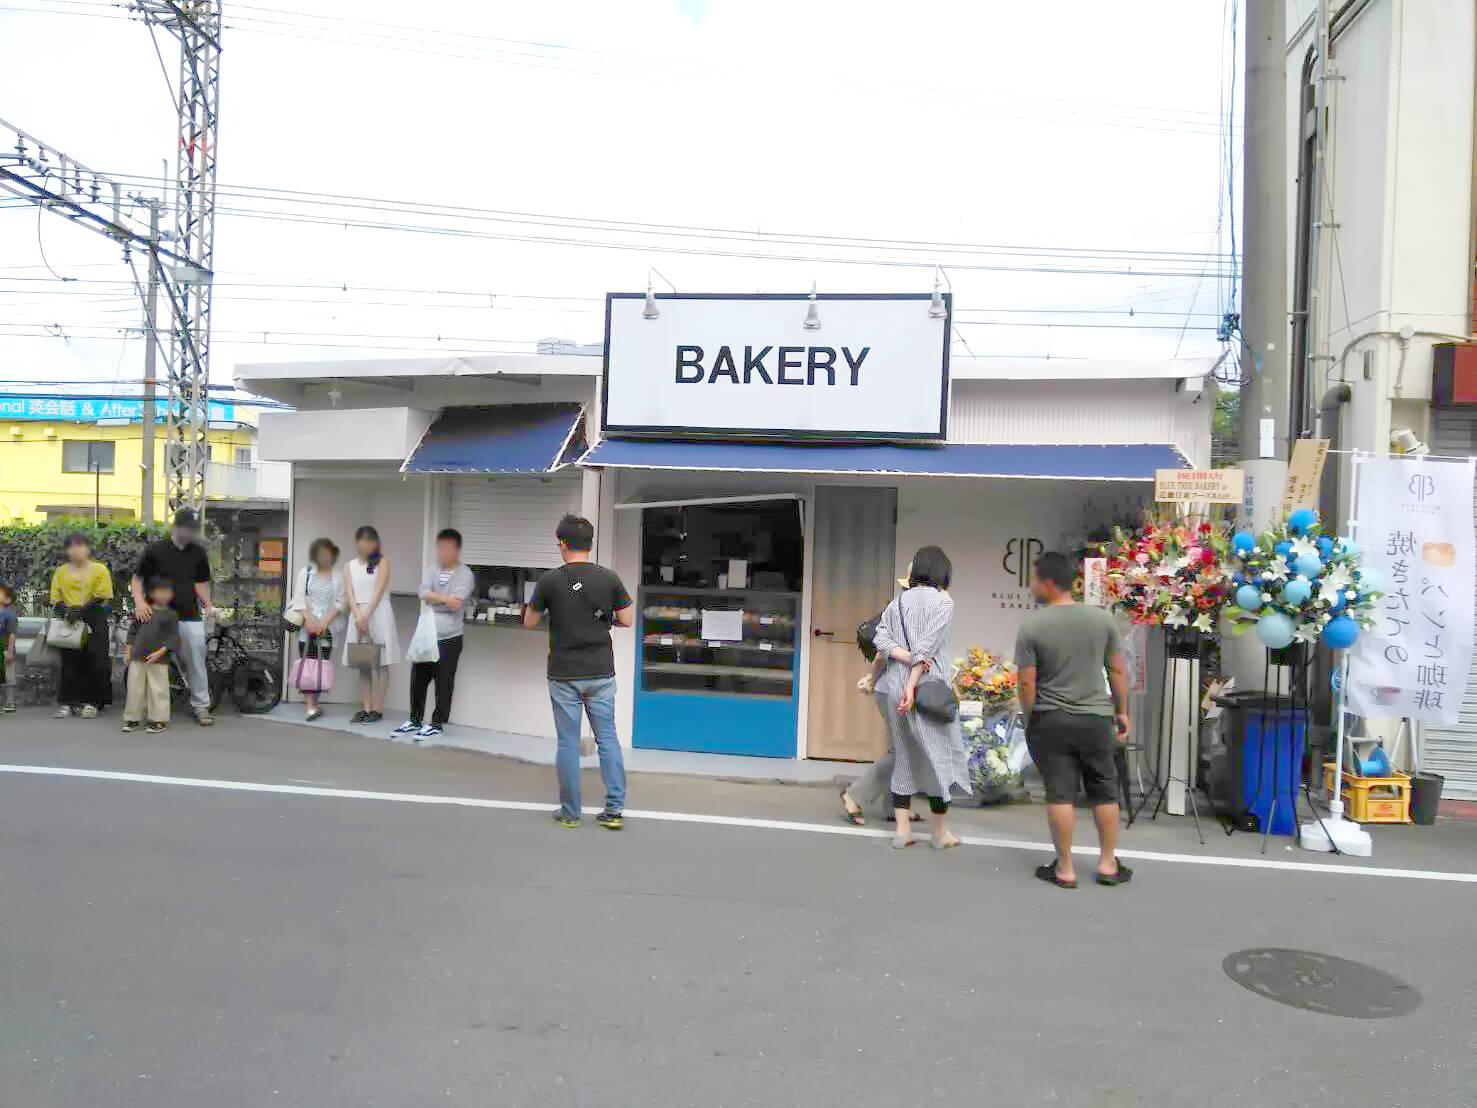 【本格パンとコーヒーのお店】「BLUE TREE BAKERY(ブルーツリーベーカリー)」がイオン金剛店前に2019年7月15日にオープン2 (1)